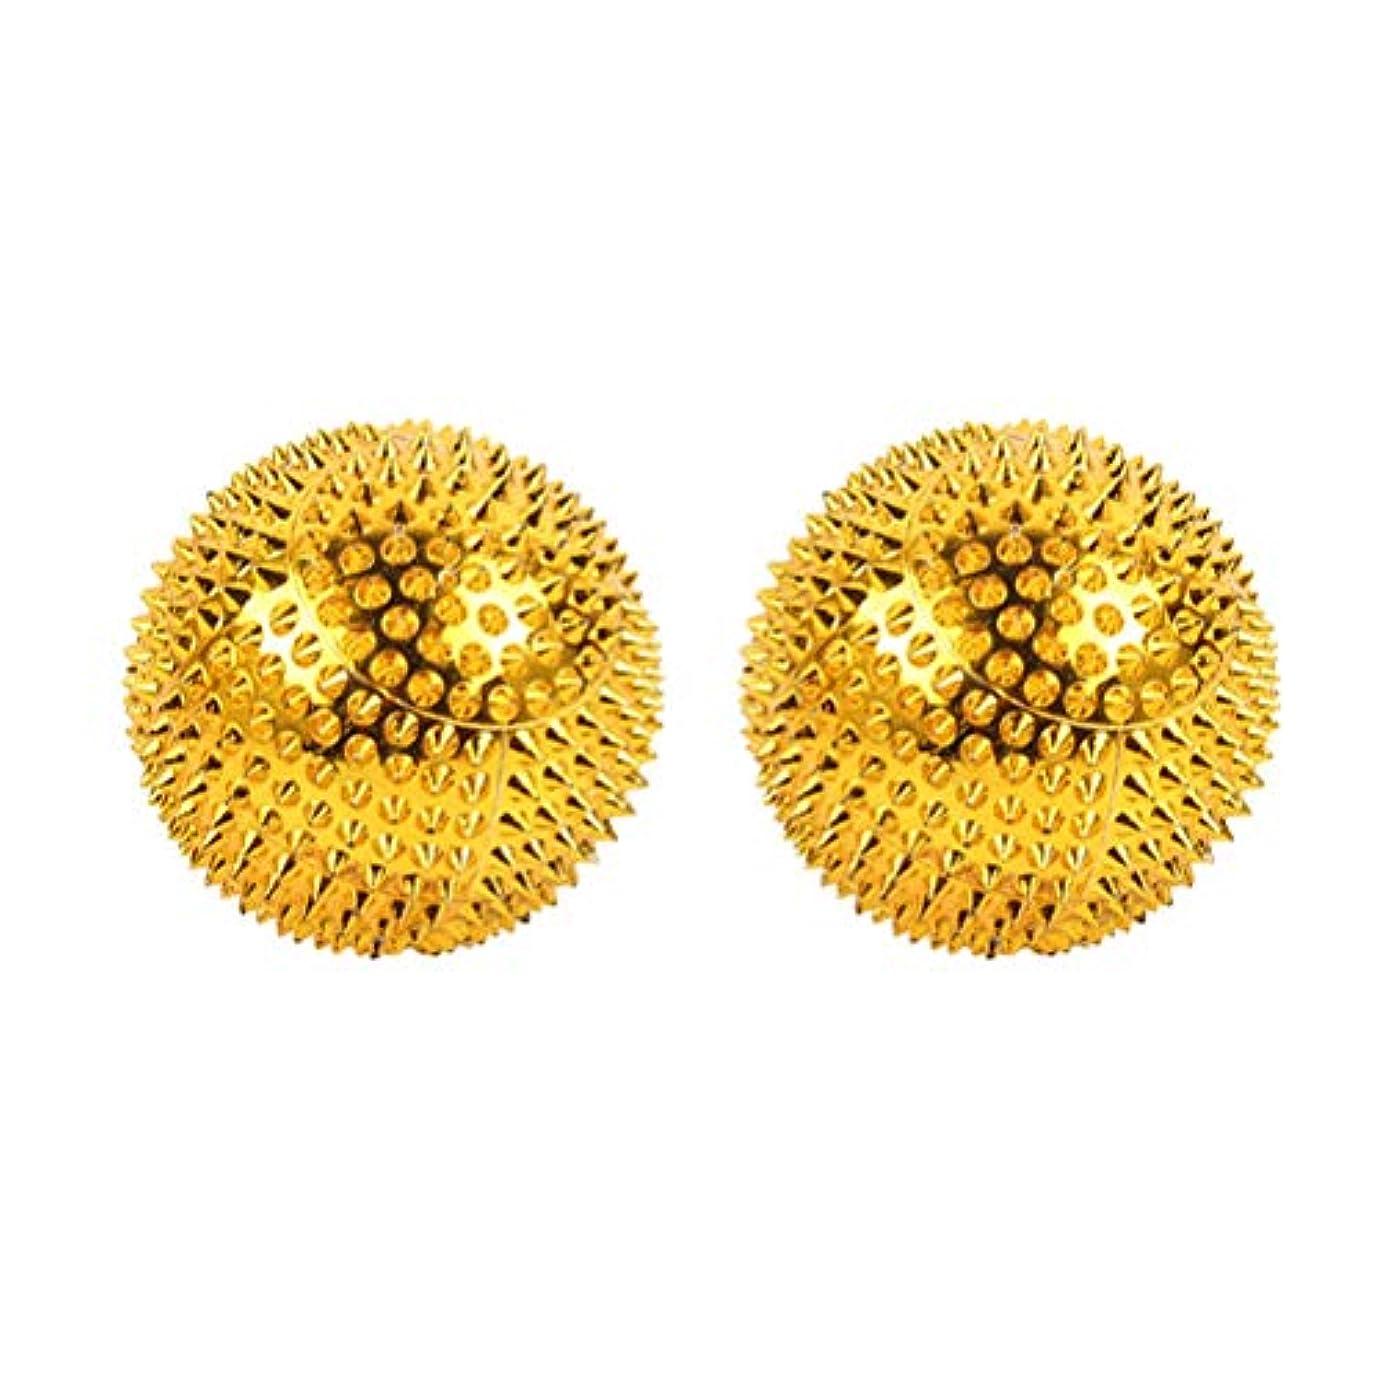 世代デンマーク流行Healifty ボディマッサージャーボール2本磁気ローリングマッサージボールとがった鍼灸ボール指圧マッサージ(ゴールデン)